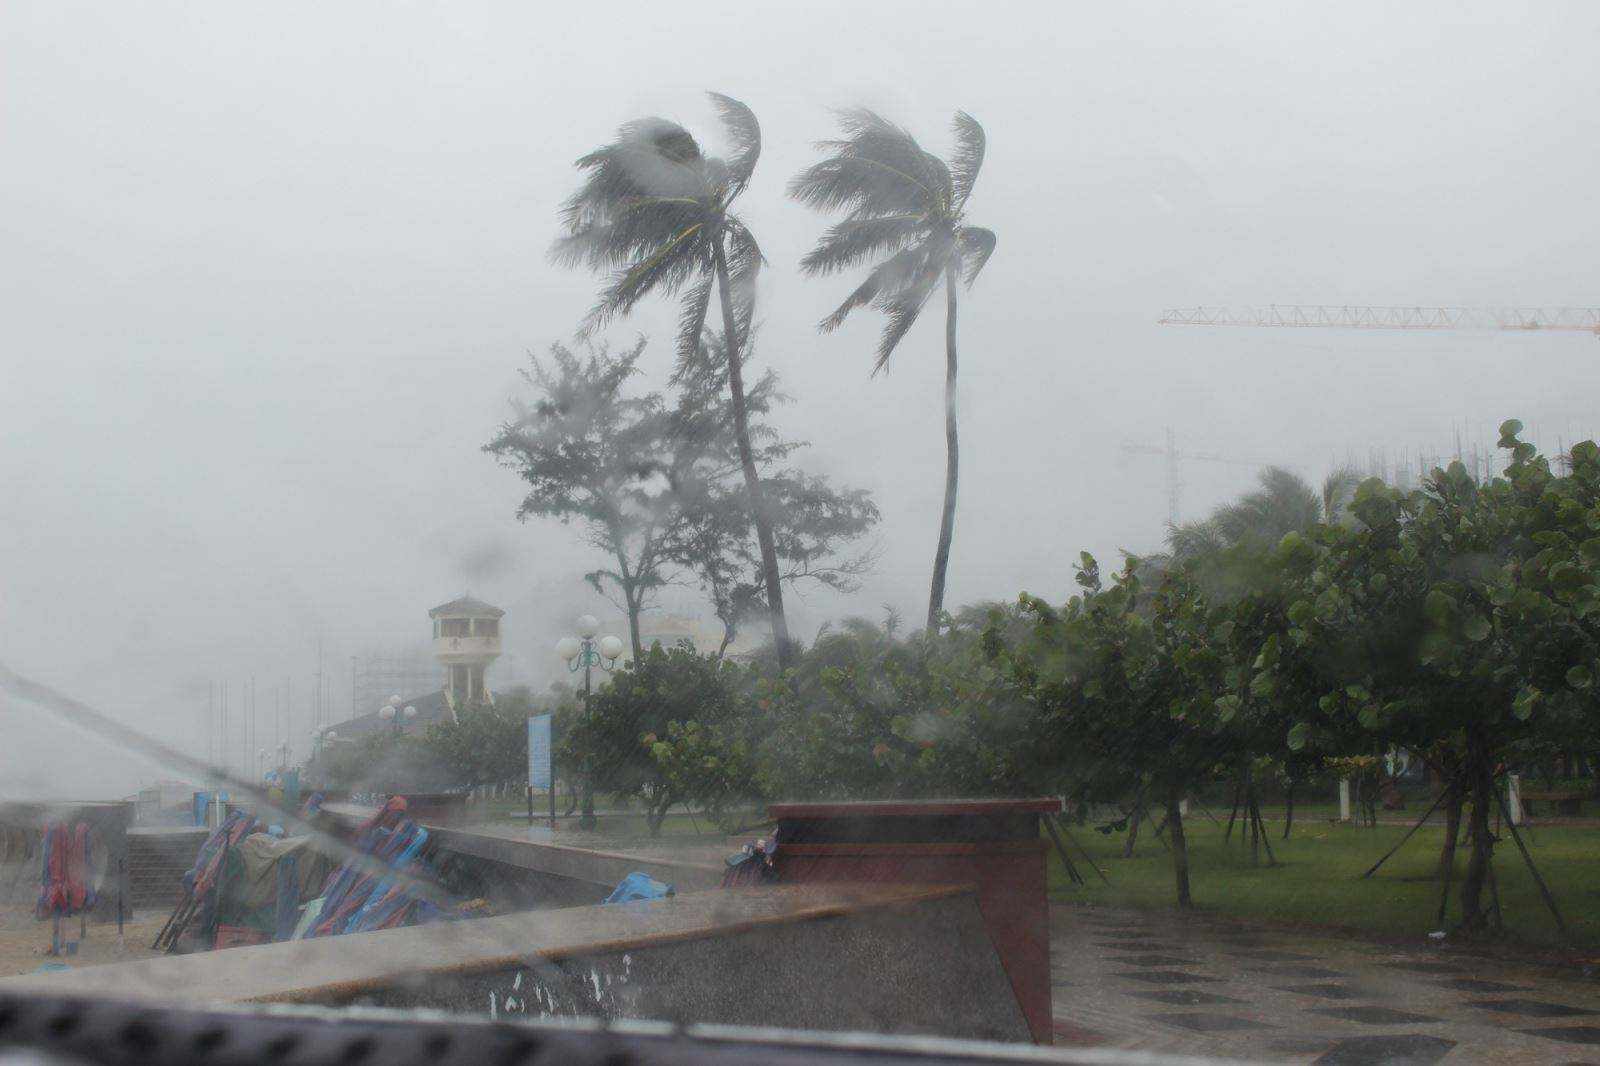 Bão số 9, Tin bão, Tin bão số 9, Cơn bão số 9, dự báo bão, Dự báo thời tiết, Không khí lạnh, tin thời tiết, gió mùa đông bắc, bão số 9 2018, tin bão mới, thời tiết